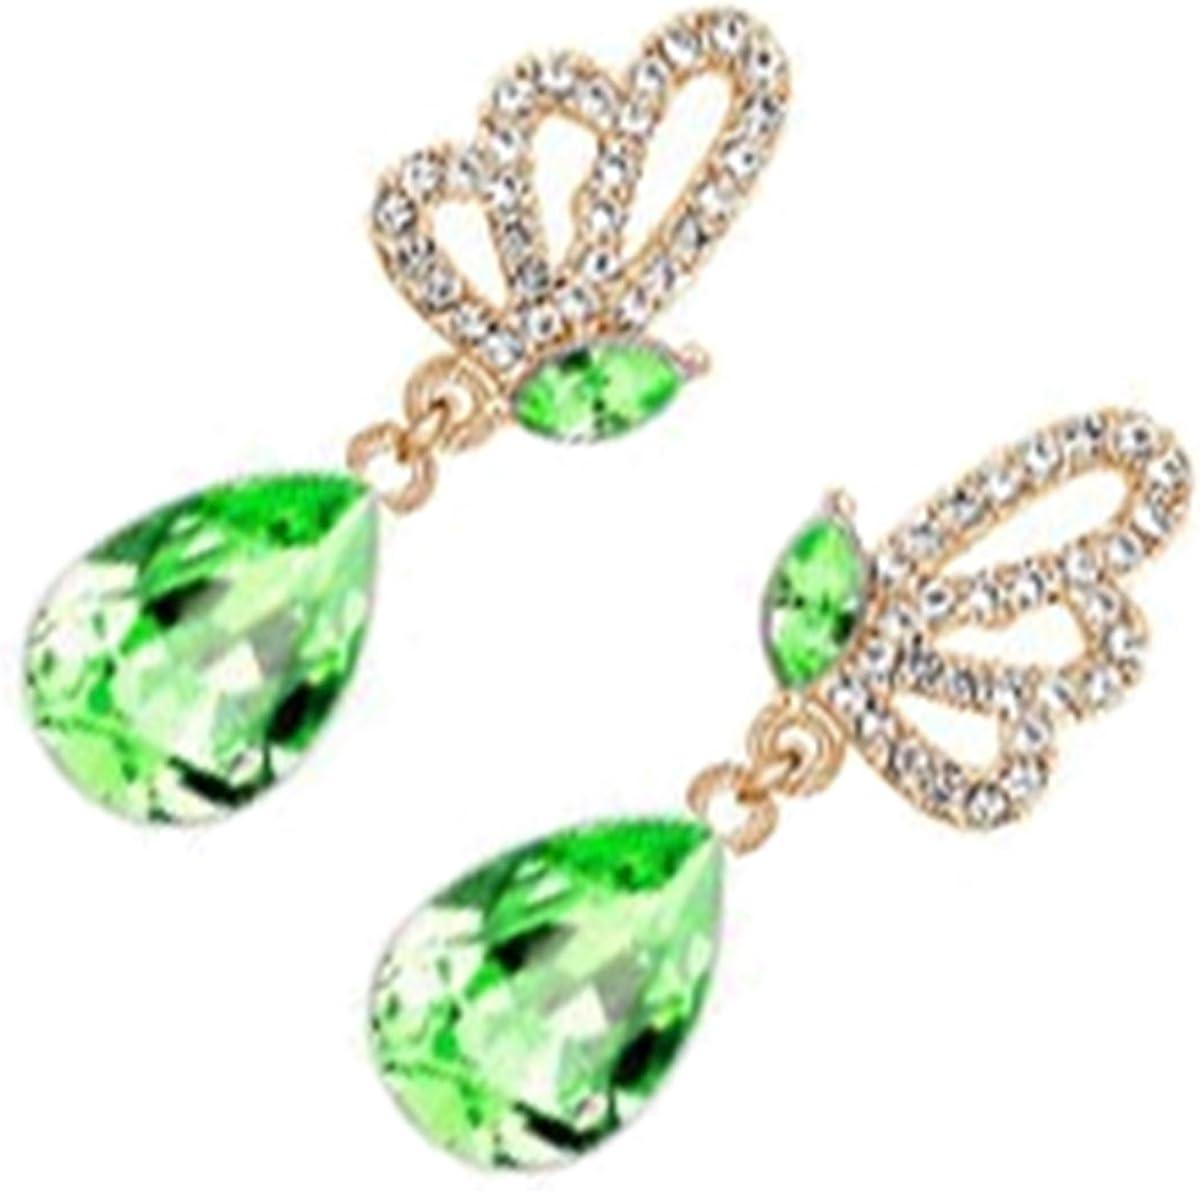 GWG Jewellery Pendientes Mujer Regalo Pendientes, Chapados en Oro 18K Alas de Mariposa Adornadas con Cristales Blancos y Piedra Colgante de Colores Varios en Forma de Gota de Agua para Mujeres